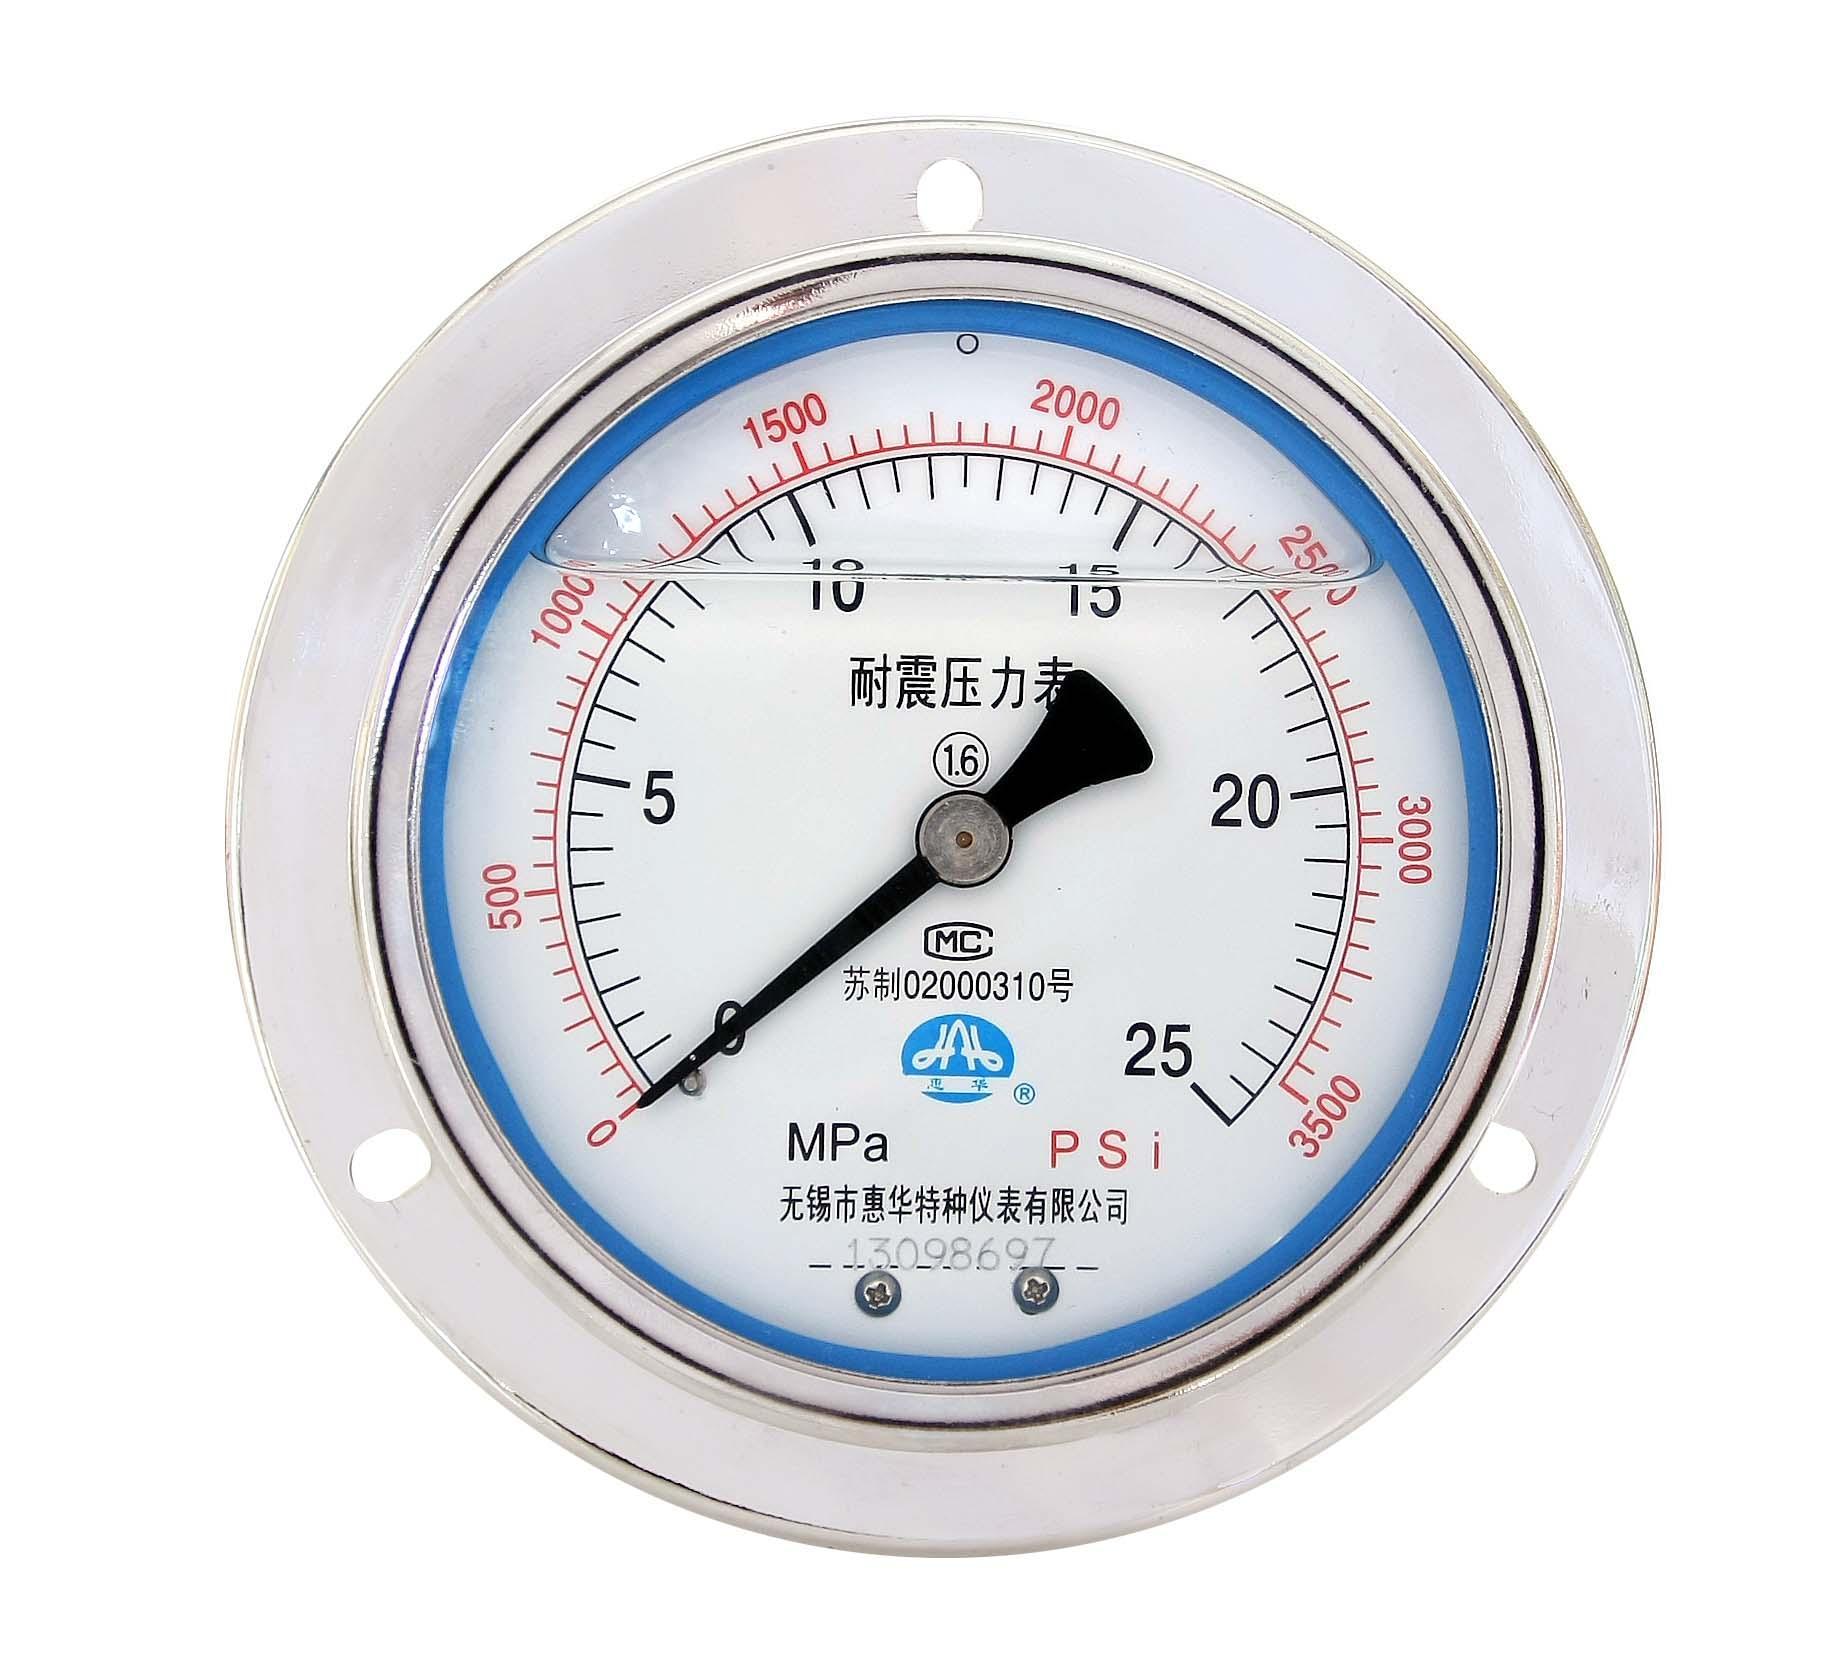 耐震壓力表 抗震壓力表 防震壓力表 充油壓力表 5